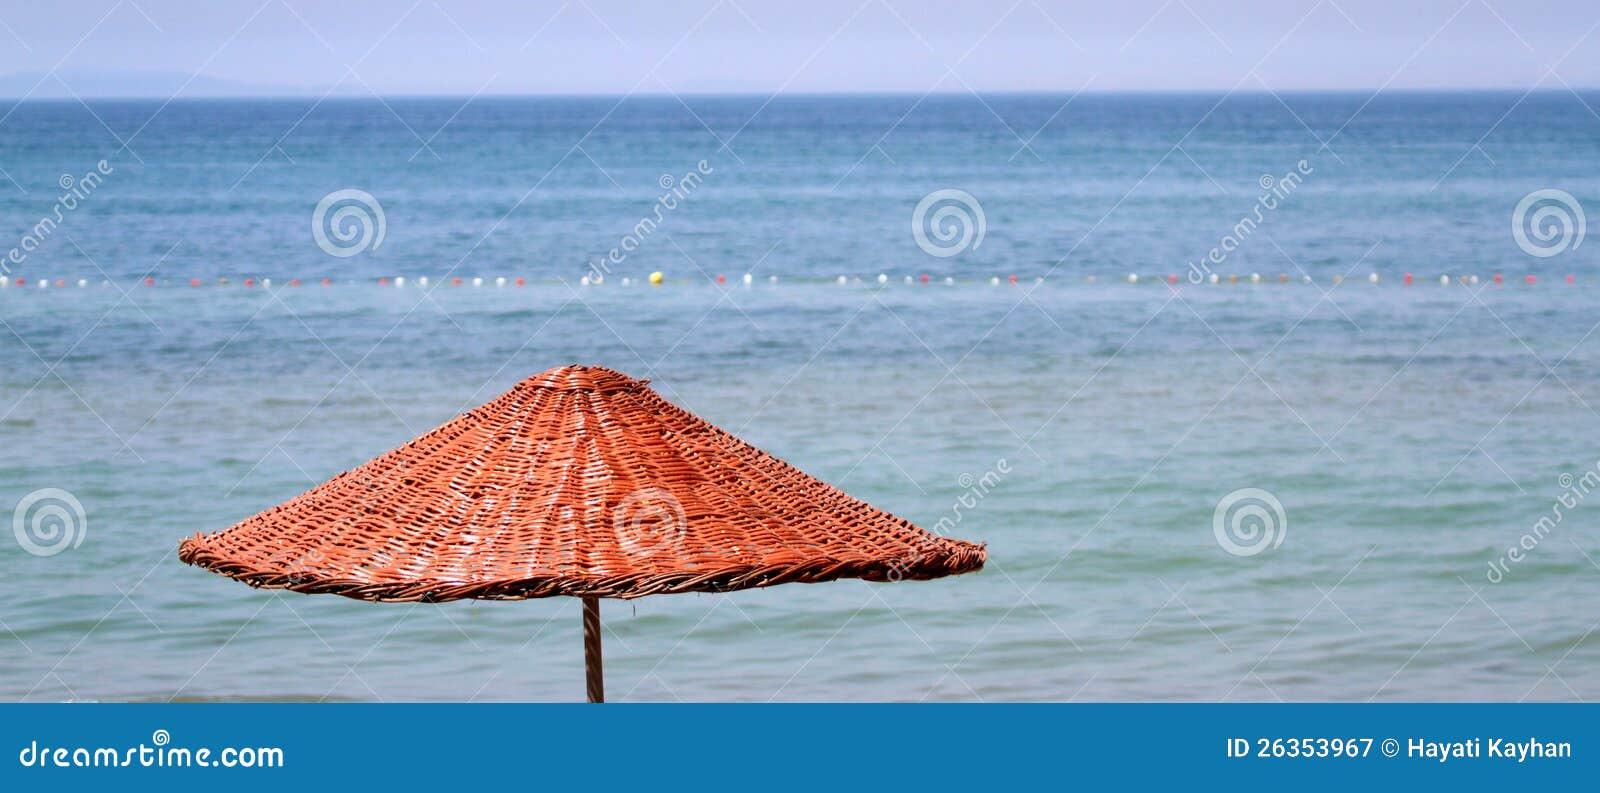 Strohregenschirm auf einem Strand